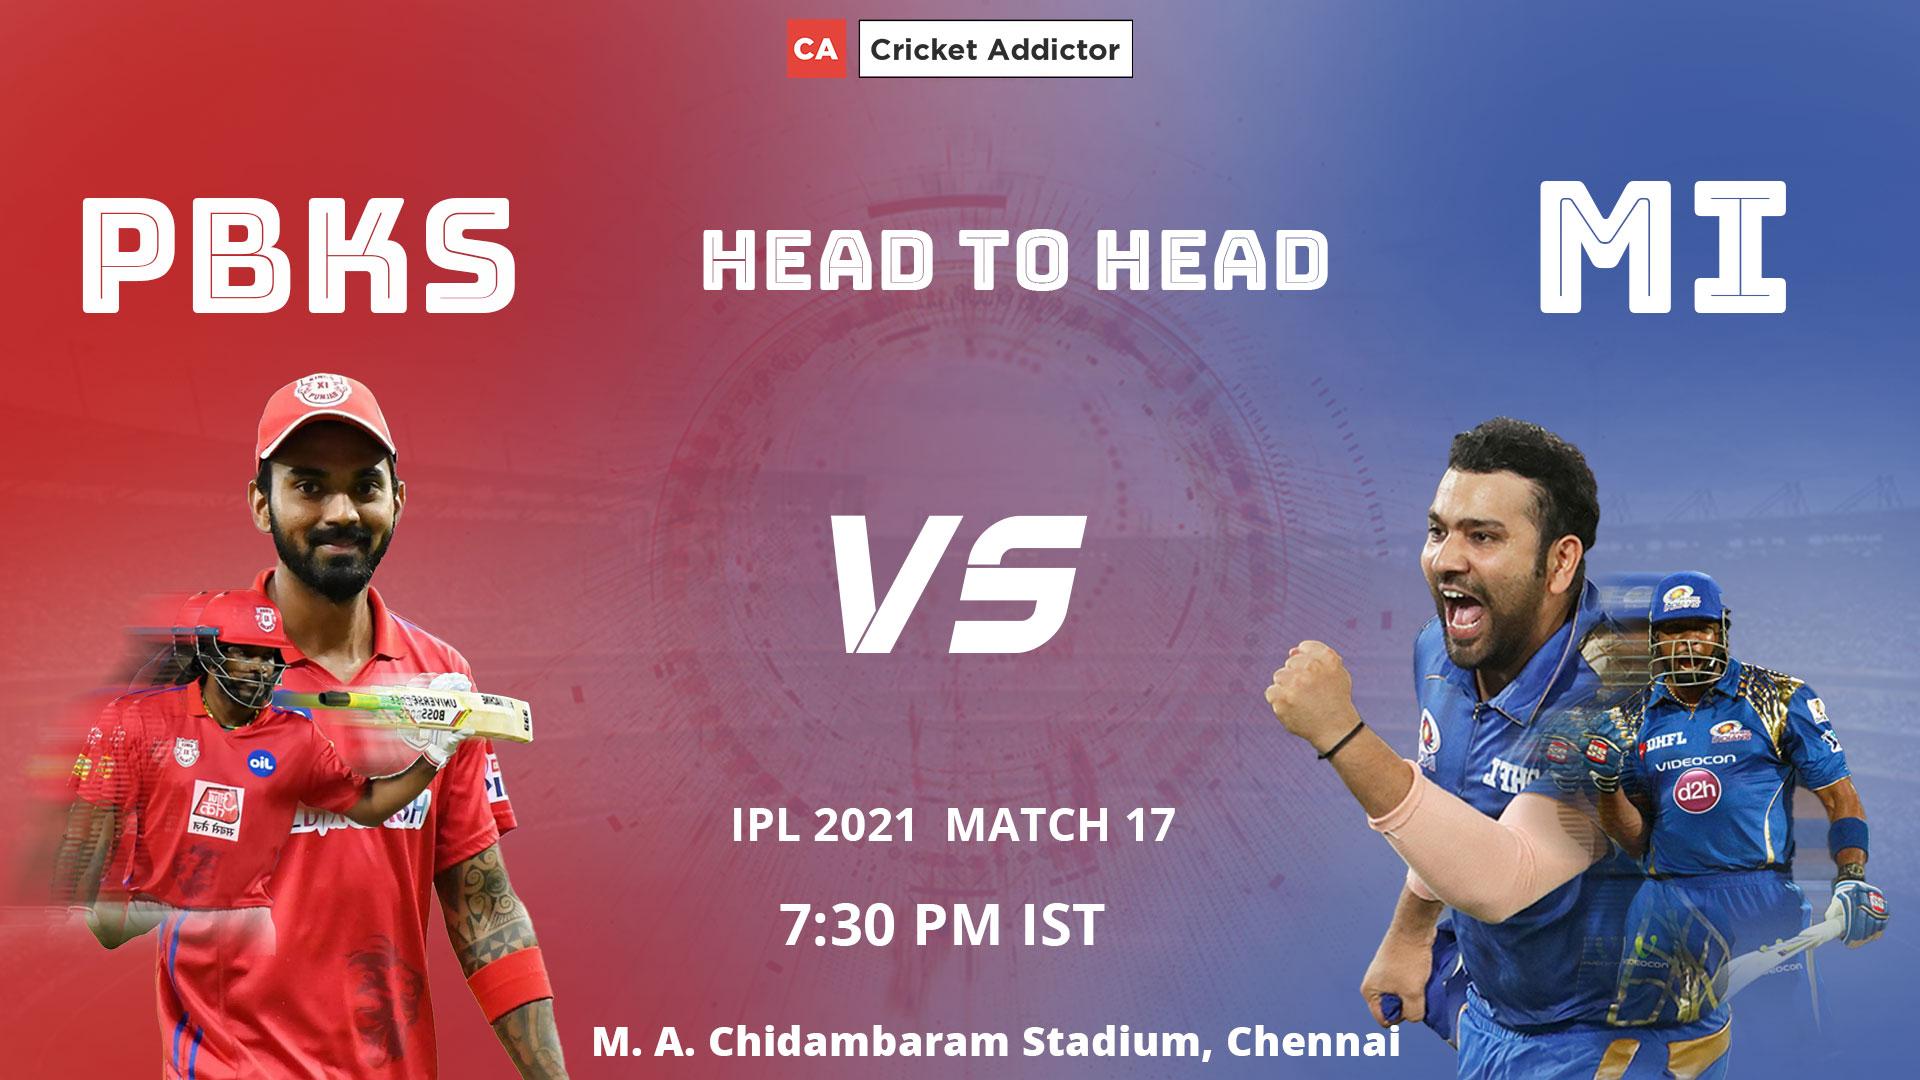 IPL 2021, Punjab Kings, Mumbai Indians, PBKS vs MI, Head-to-Head